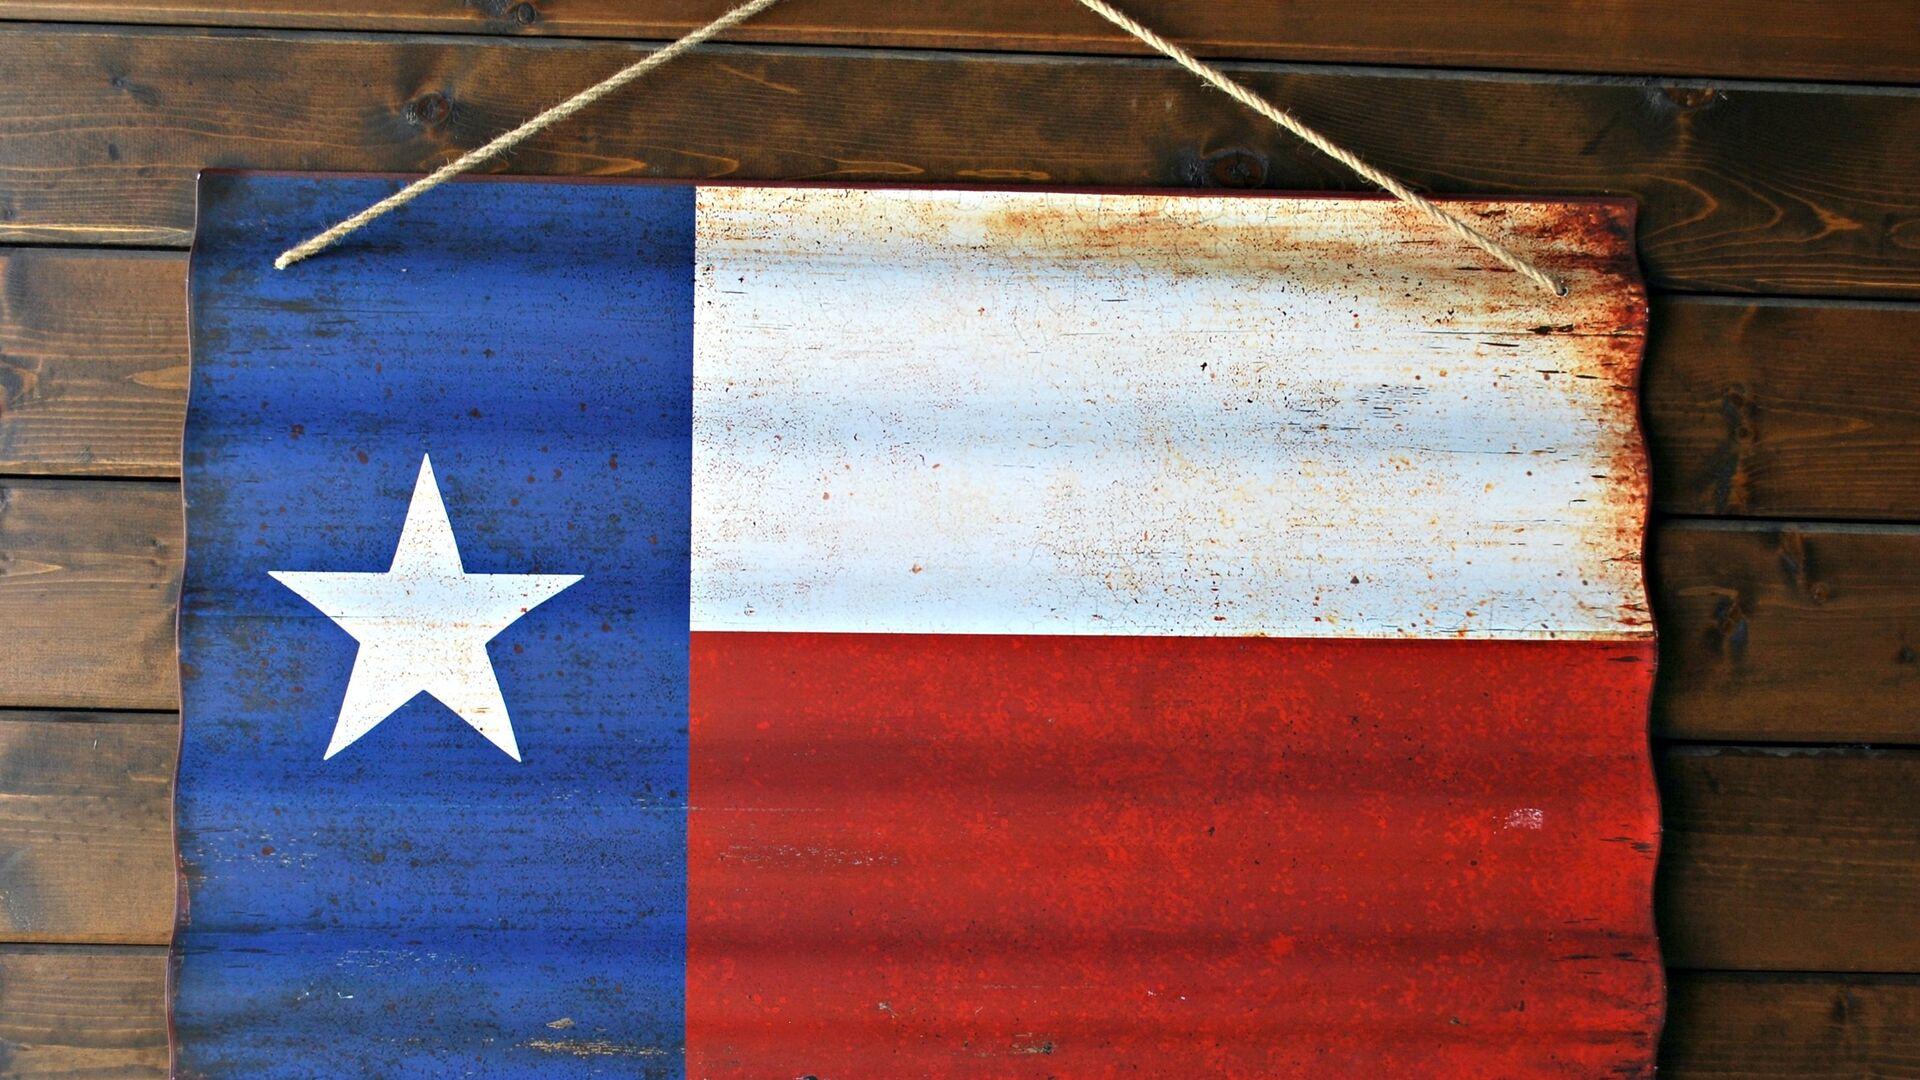 Bandera del Estado de Texas, EEUU - Sputnik Mundo, 1920, 23.03.2021